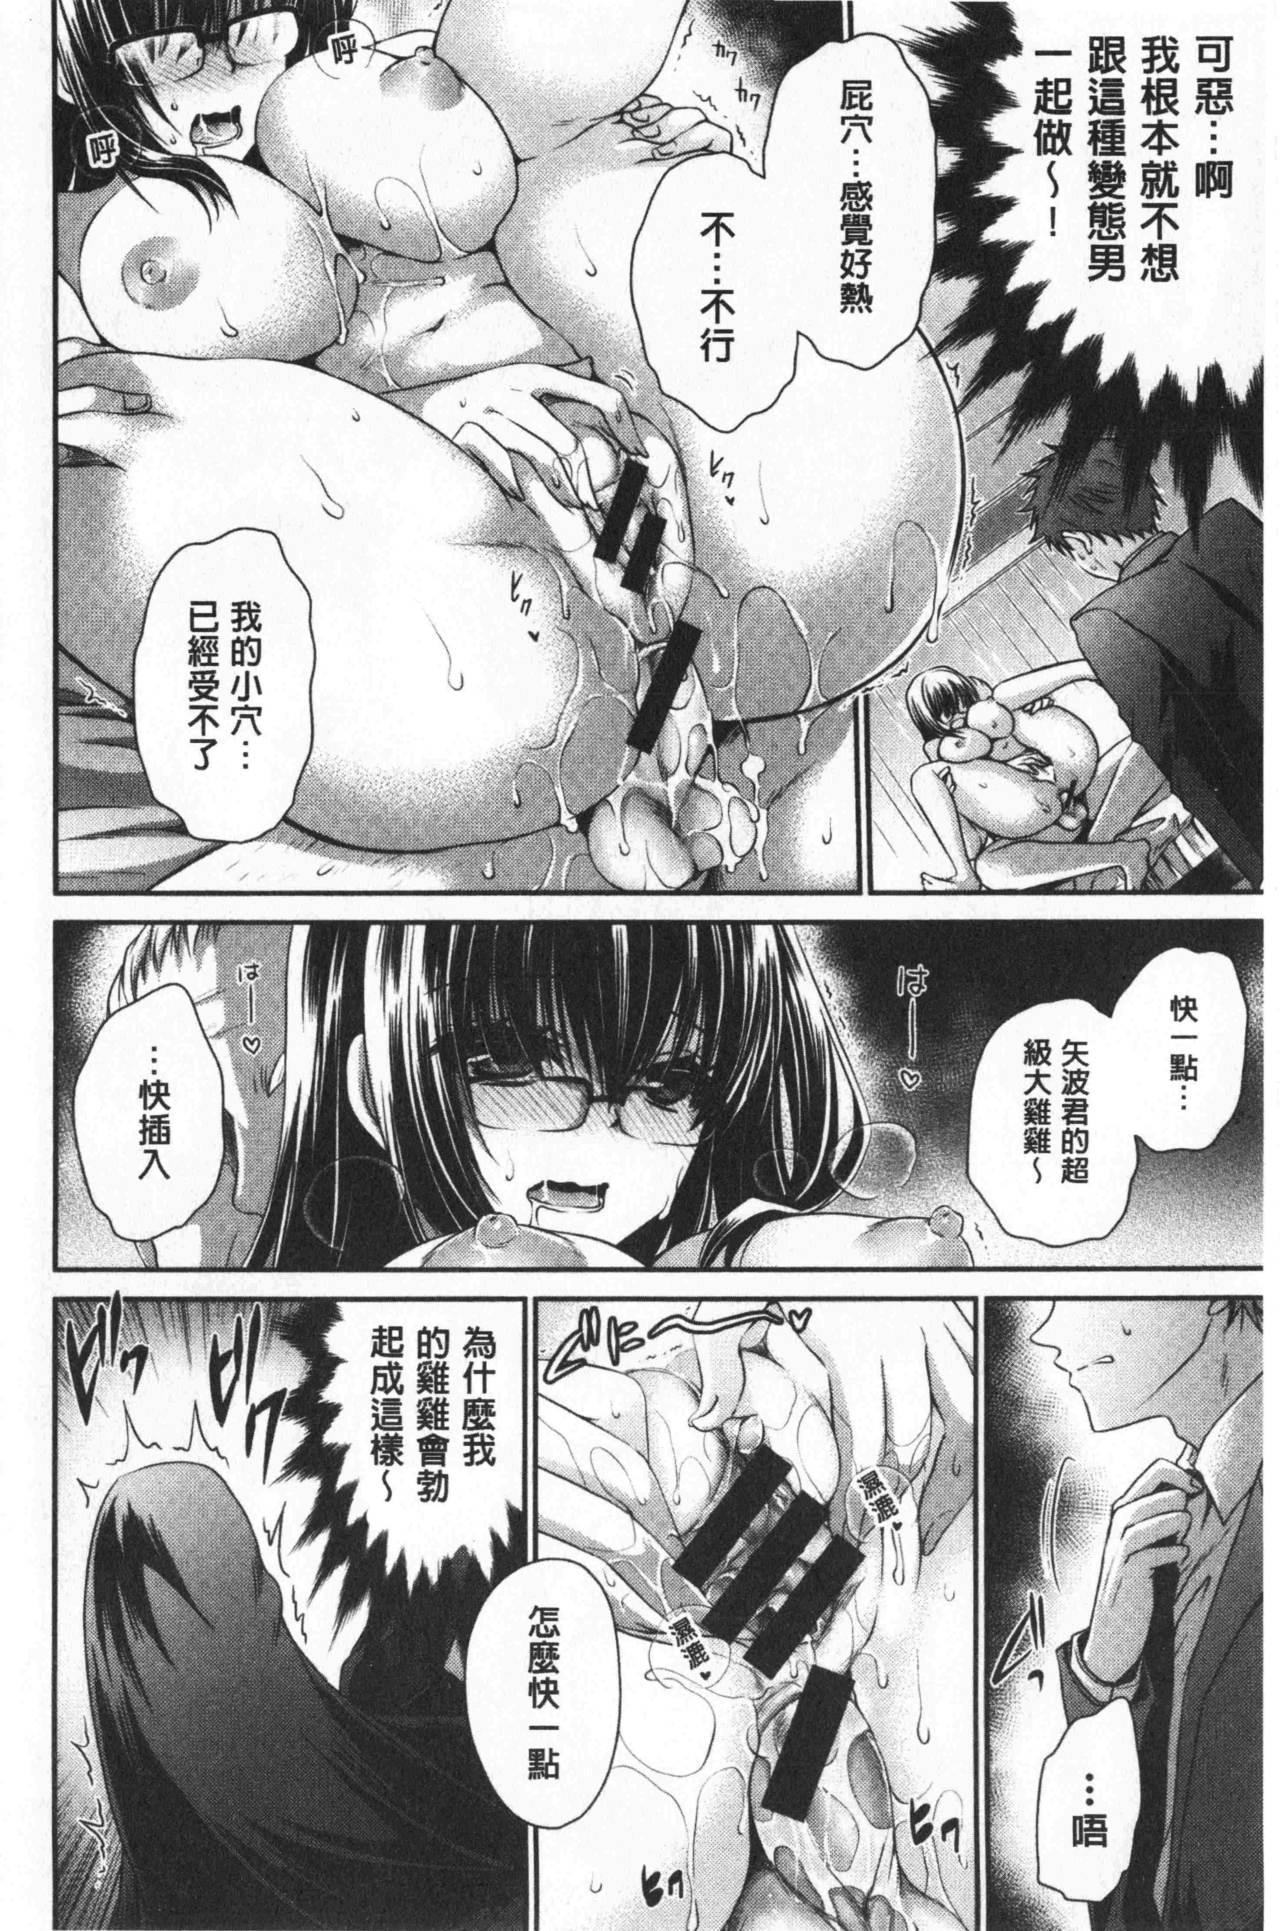 Doku Aru Hana no Amai Mitsu   毒淫花的甘甜蜜 29